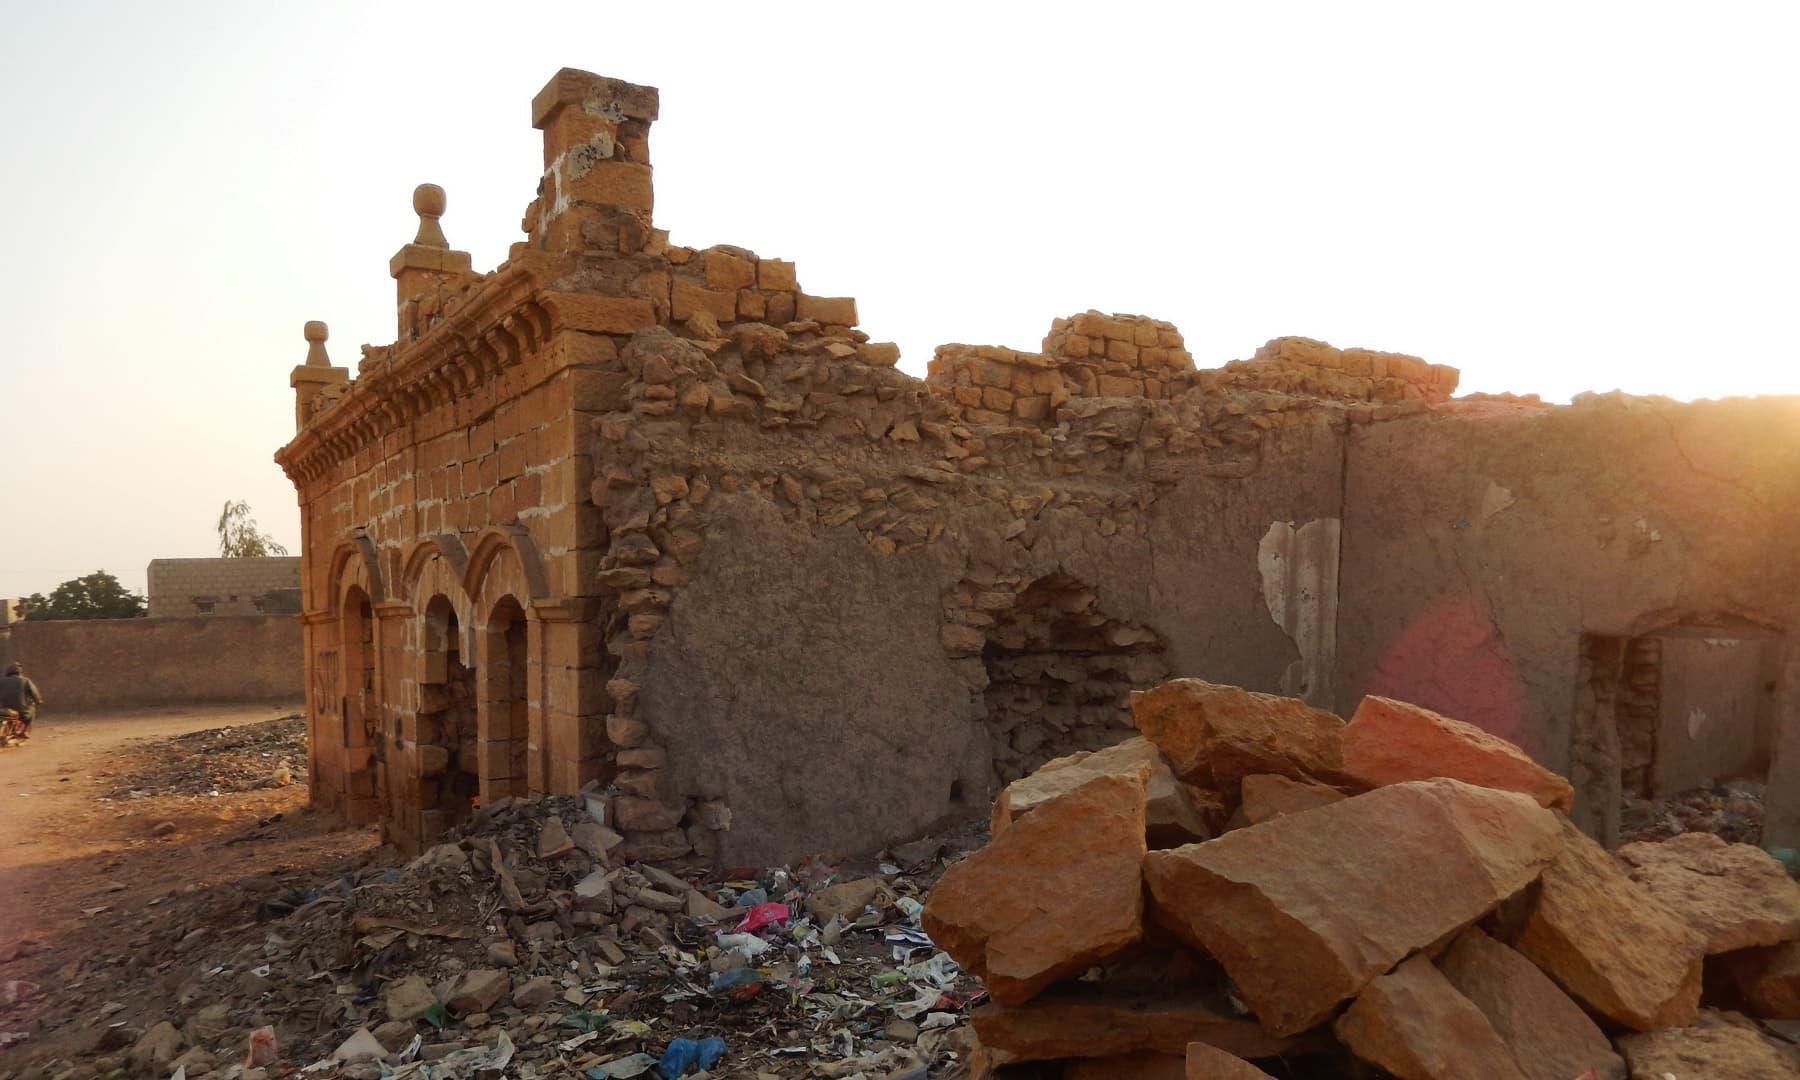 جھرک شہر کی خستہ حالی جا بجا نظر آتی ہے— تصویر ابوبکر شیخ